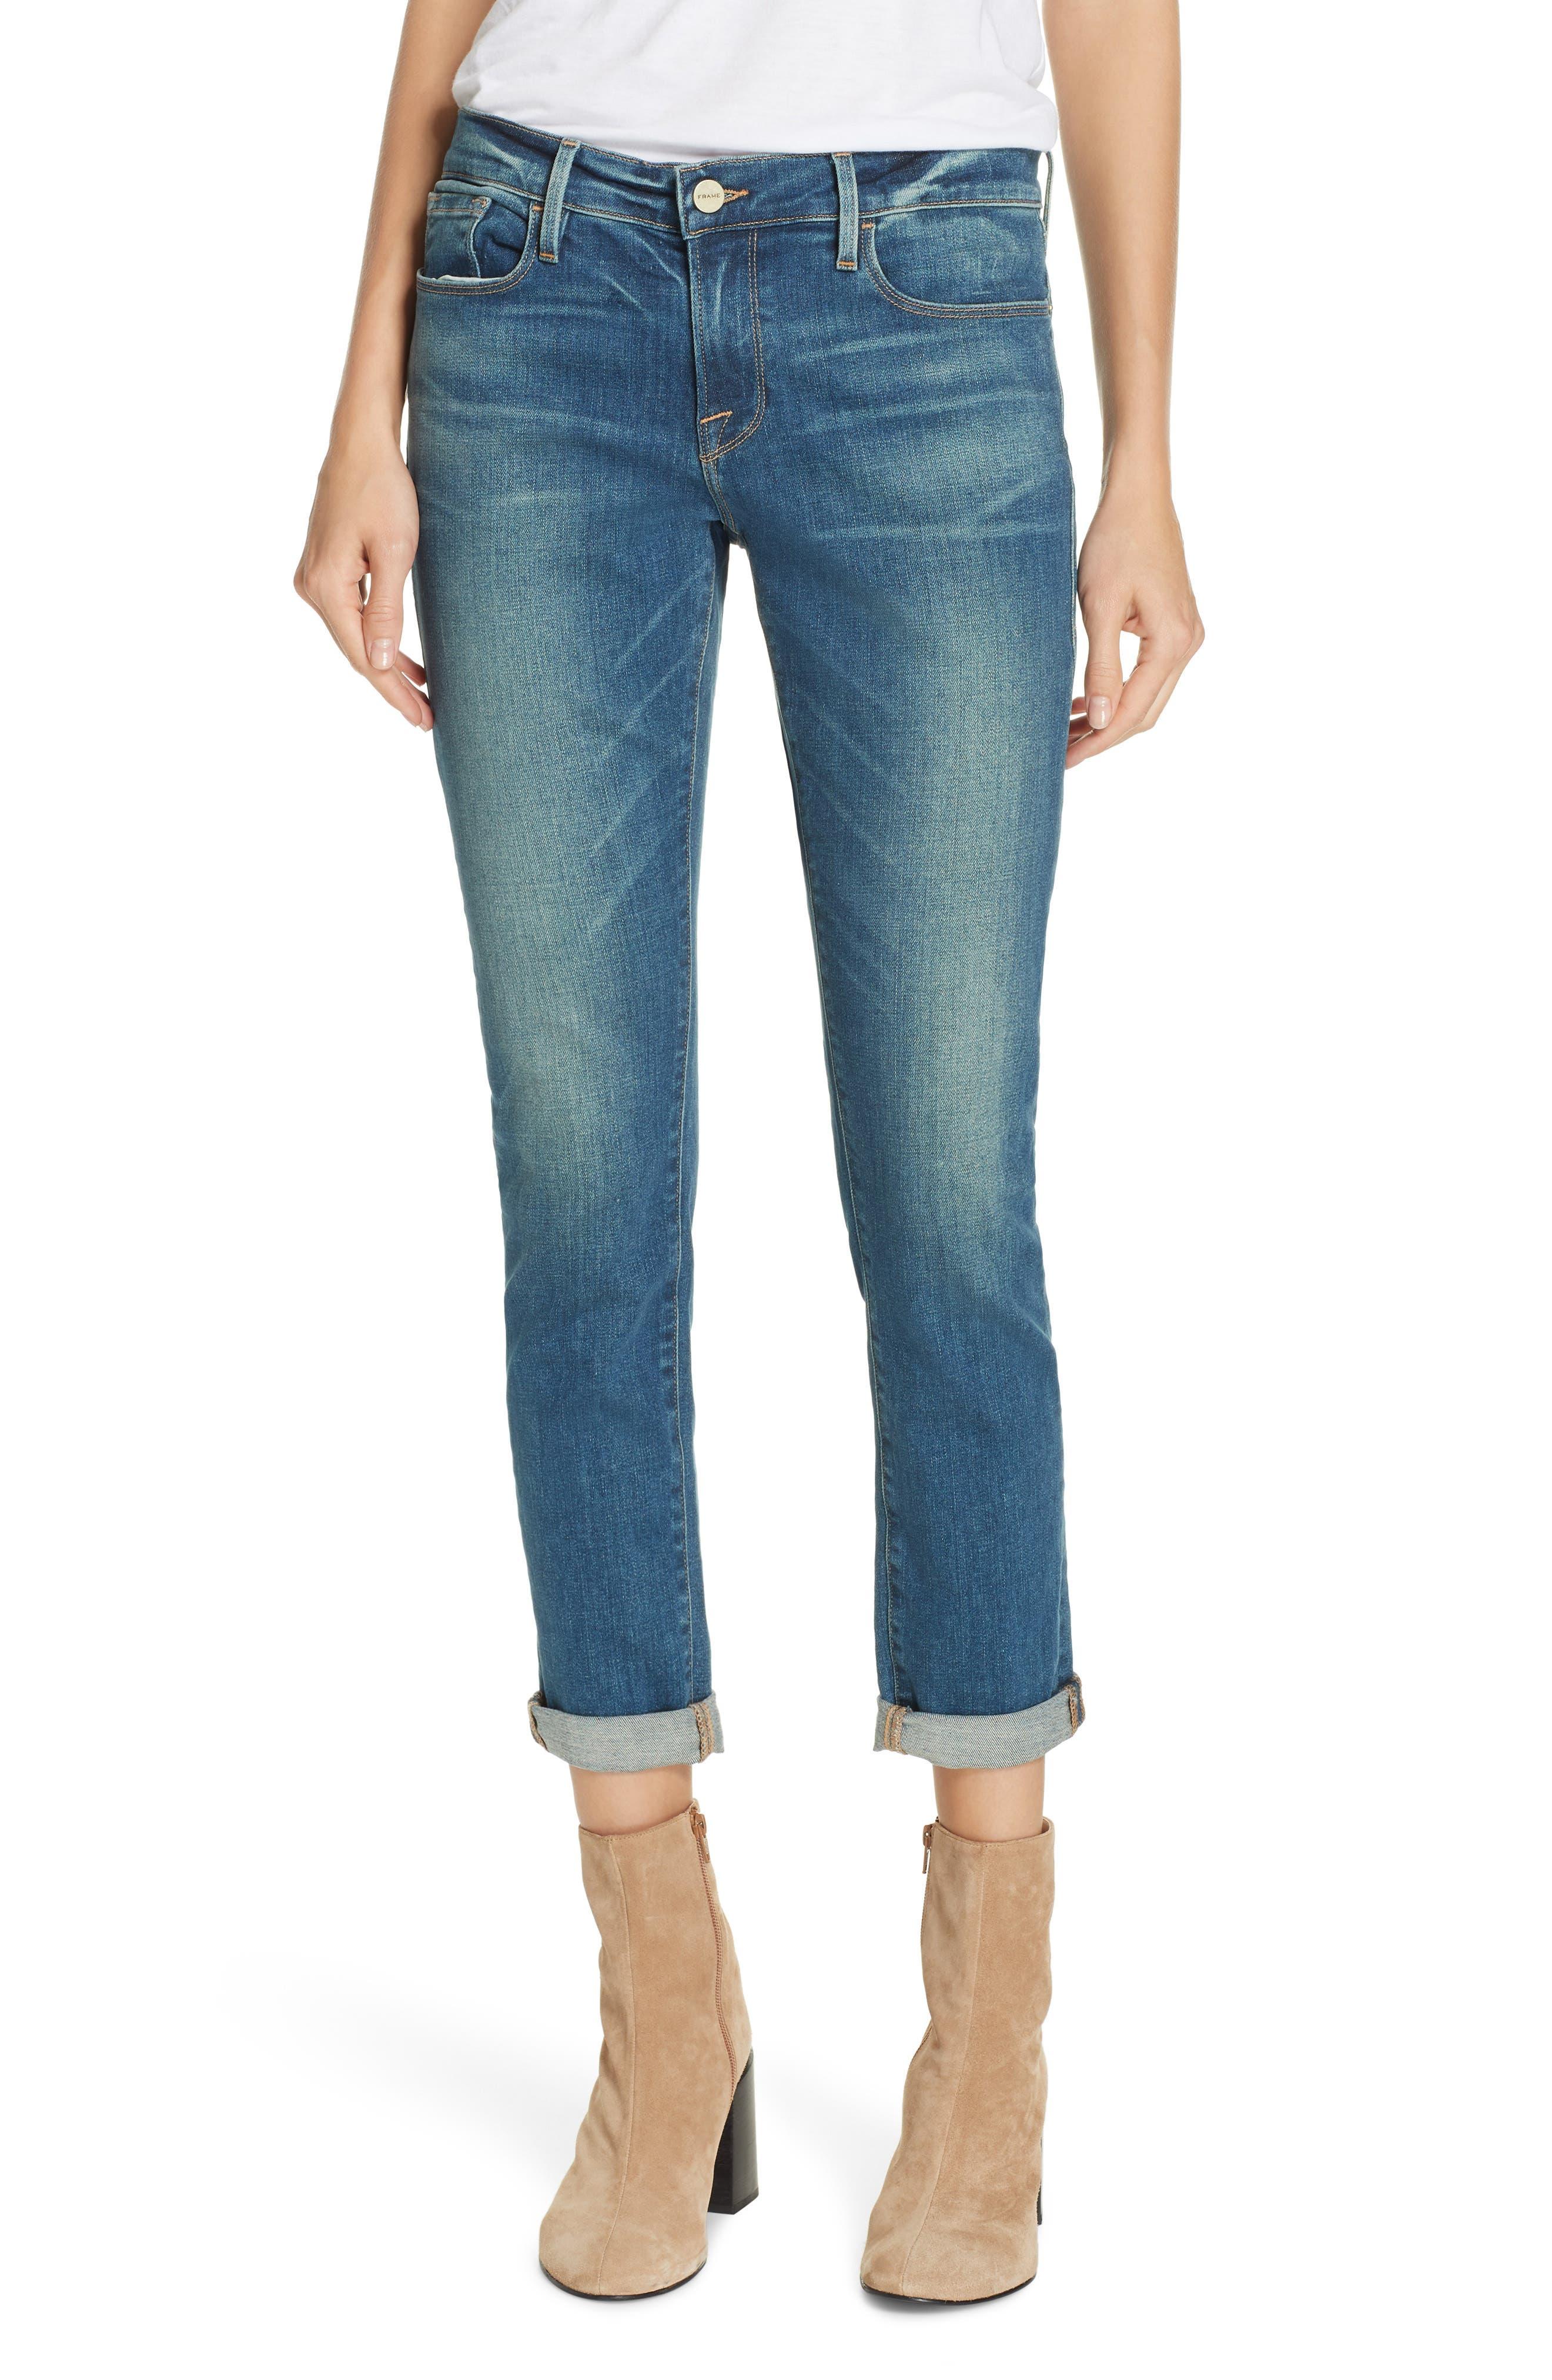 Le Garcon Slim Boyfriend Jeans,                             Main thumbnail 1, color,                             BERKLEY SQUARE